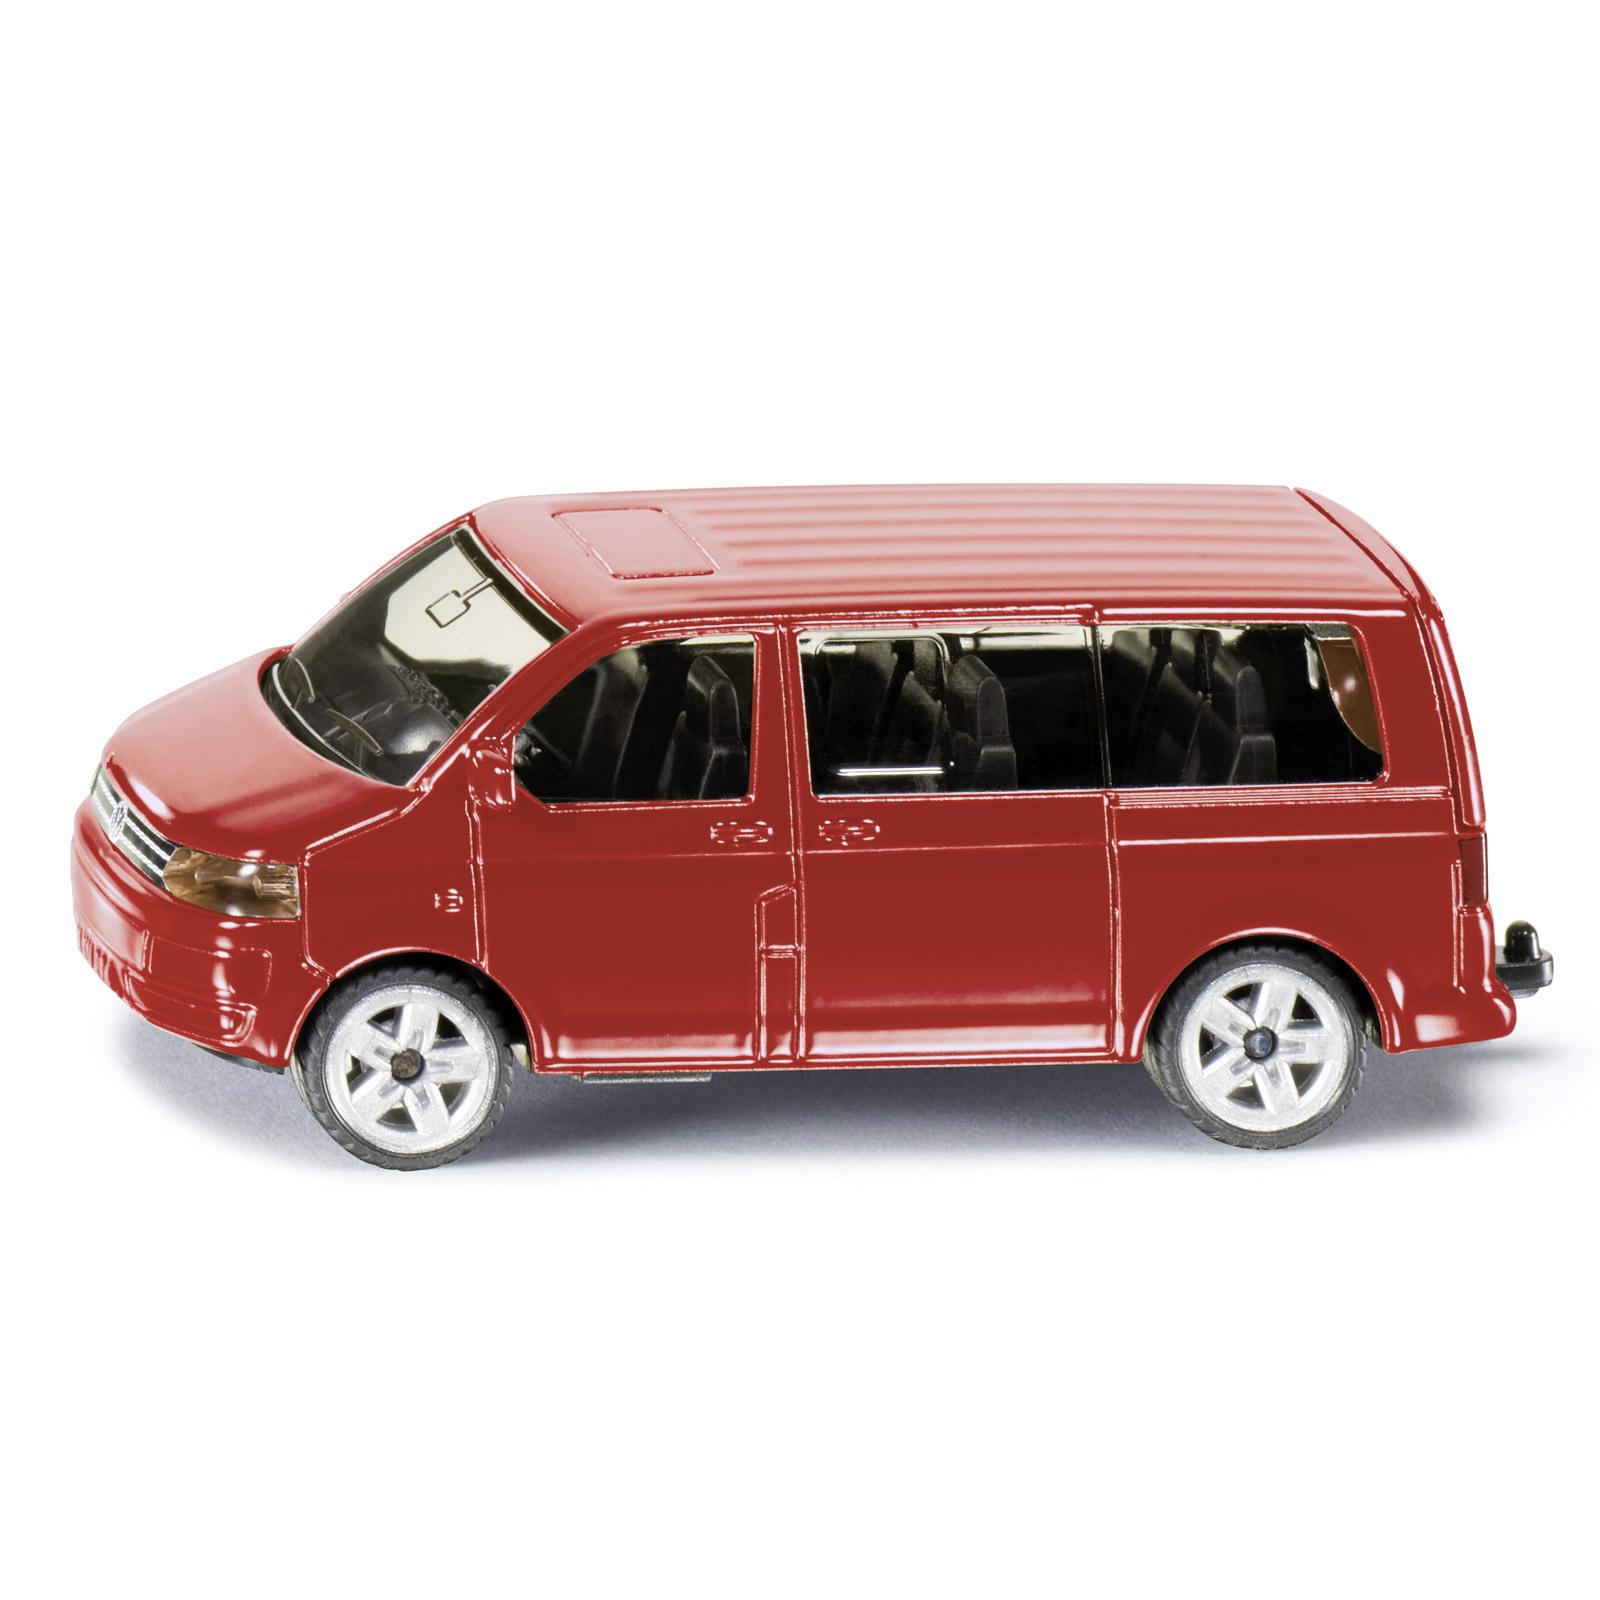 siku spielzeug modell super s vw multivan bus t5. Black Bedroom Furniture Sets. Home Design Ideas